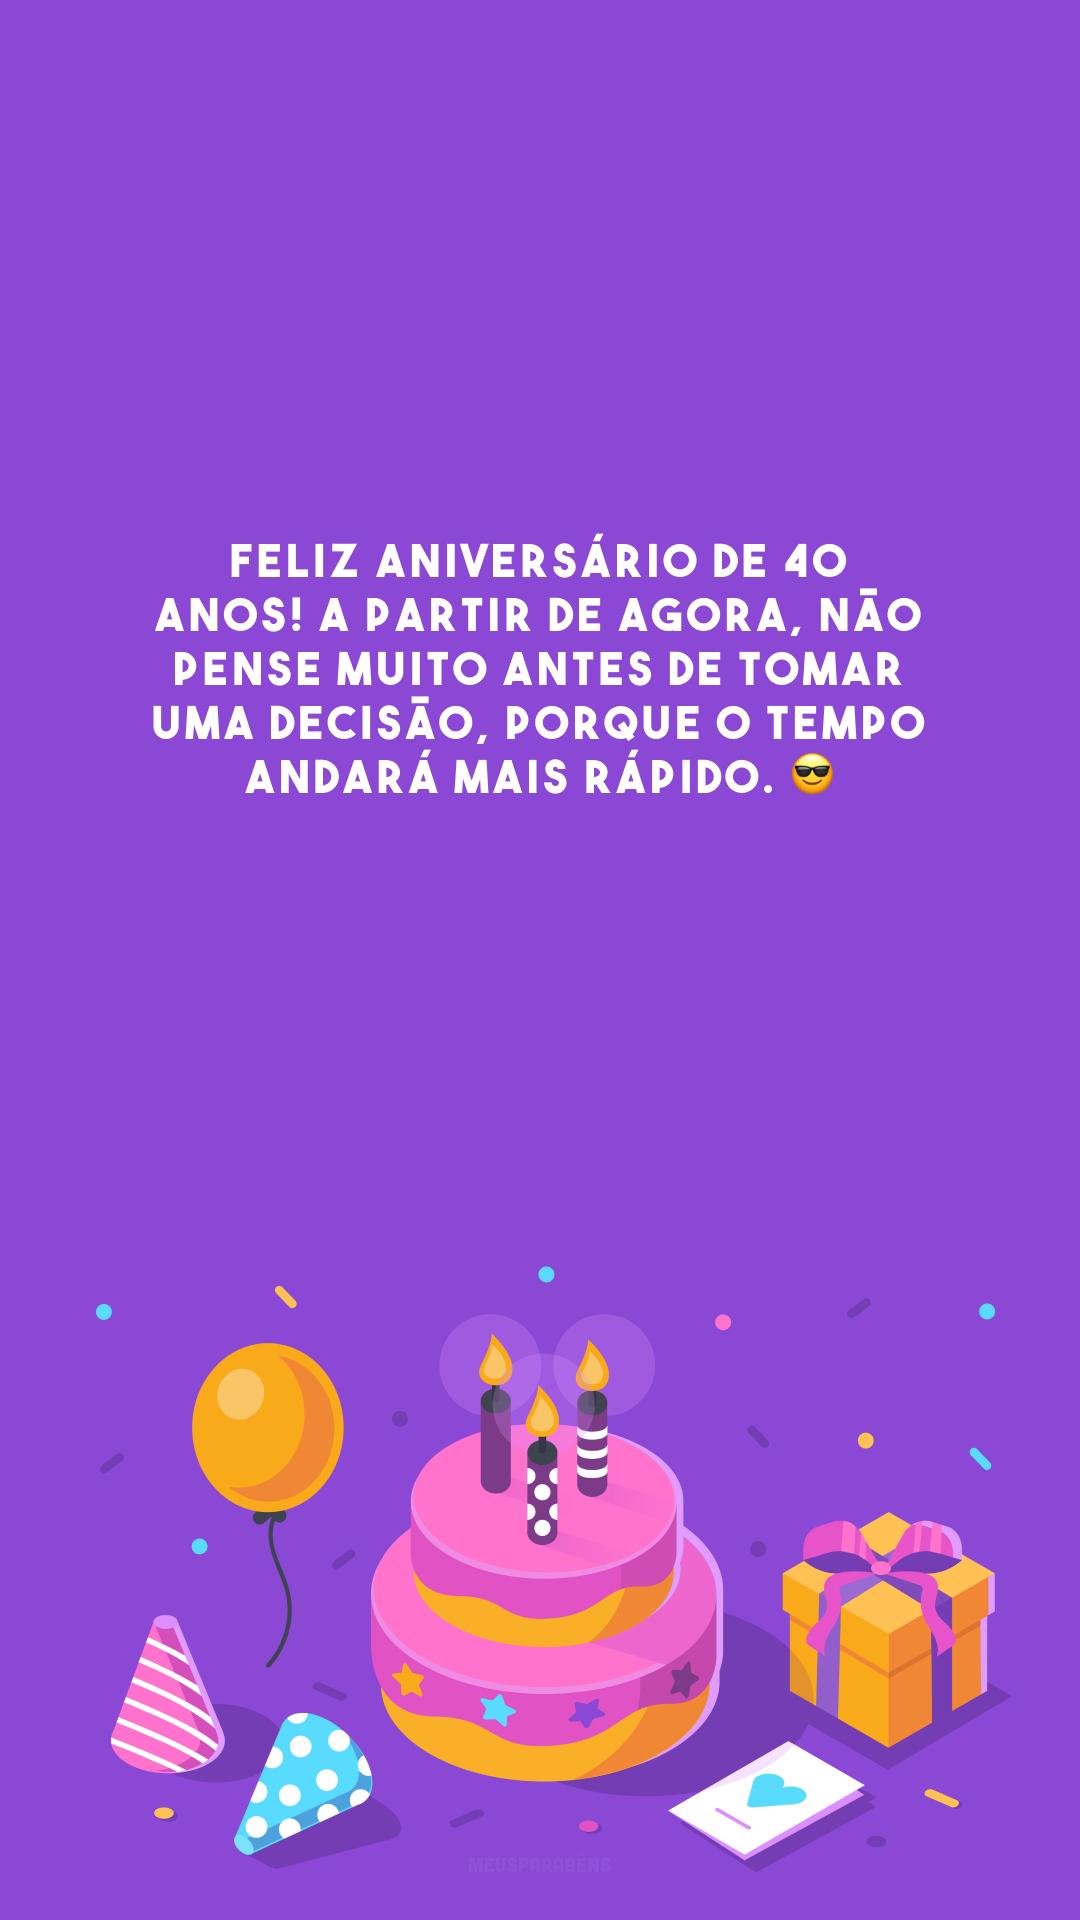 Feliz aniversário de 40 anos! A partir de agora, não pense muito antes de tomar uma decisão, porque o tempo andará mais rápido. 😎